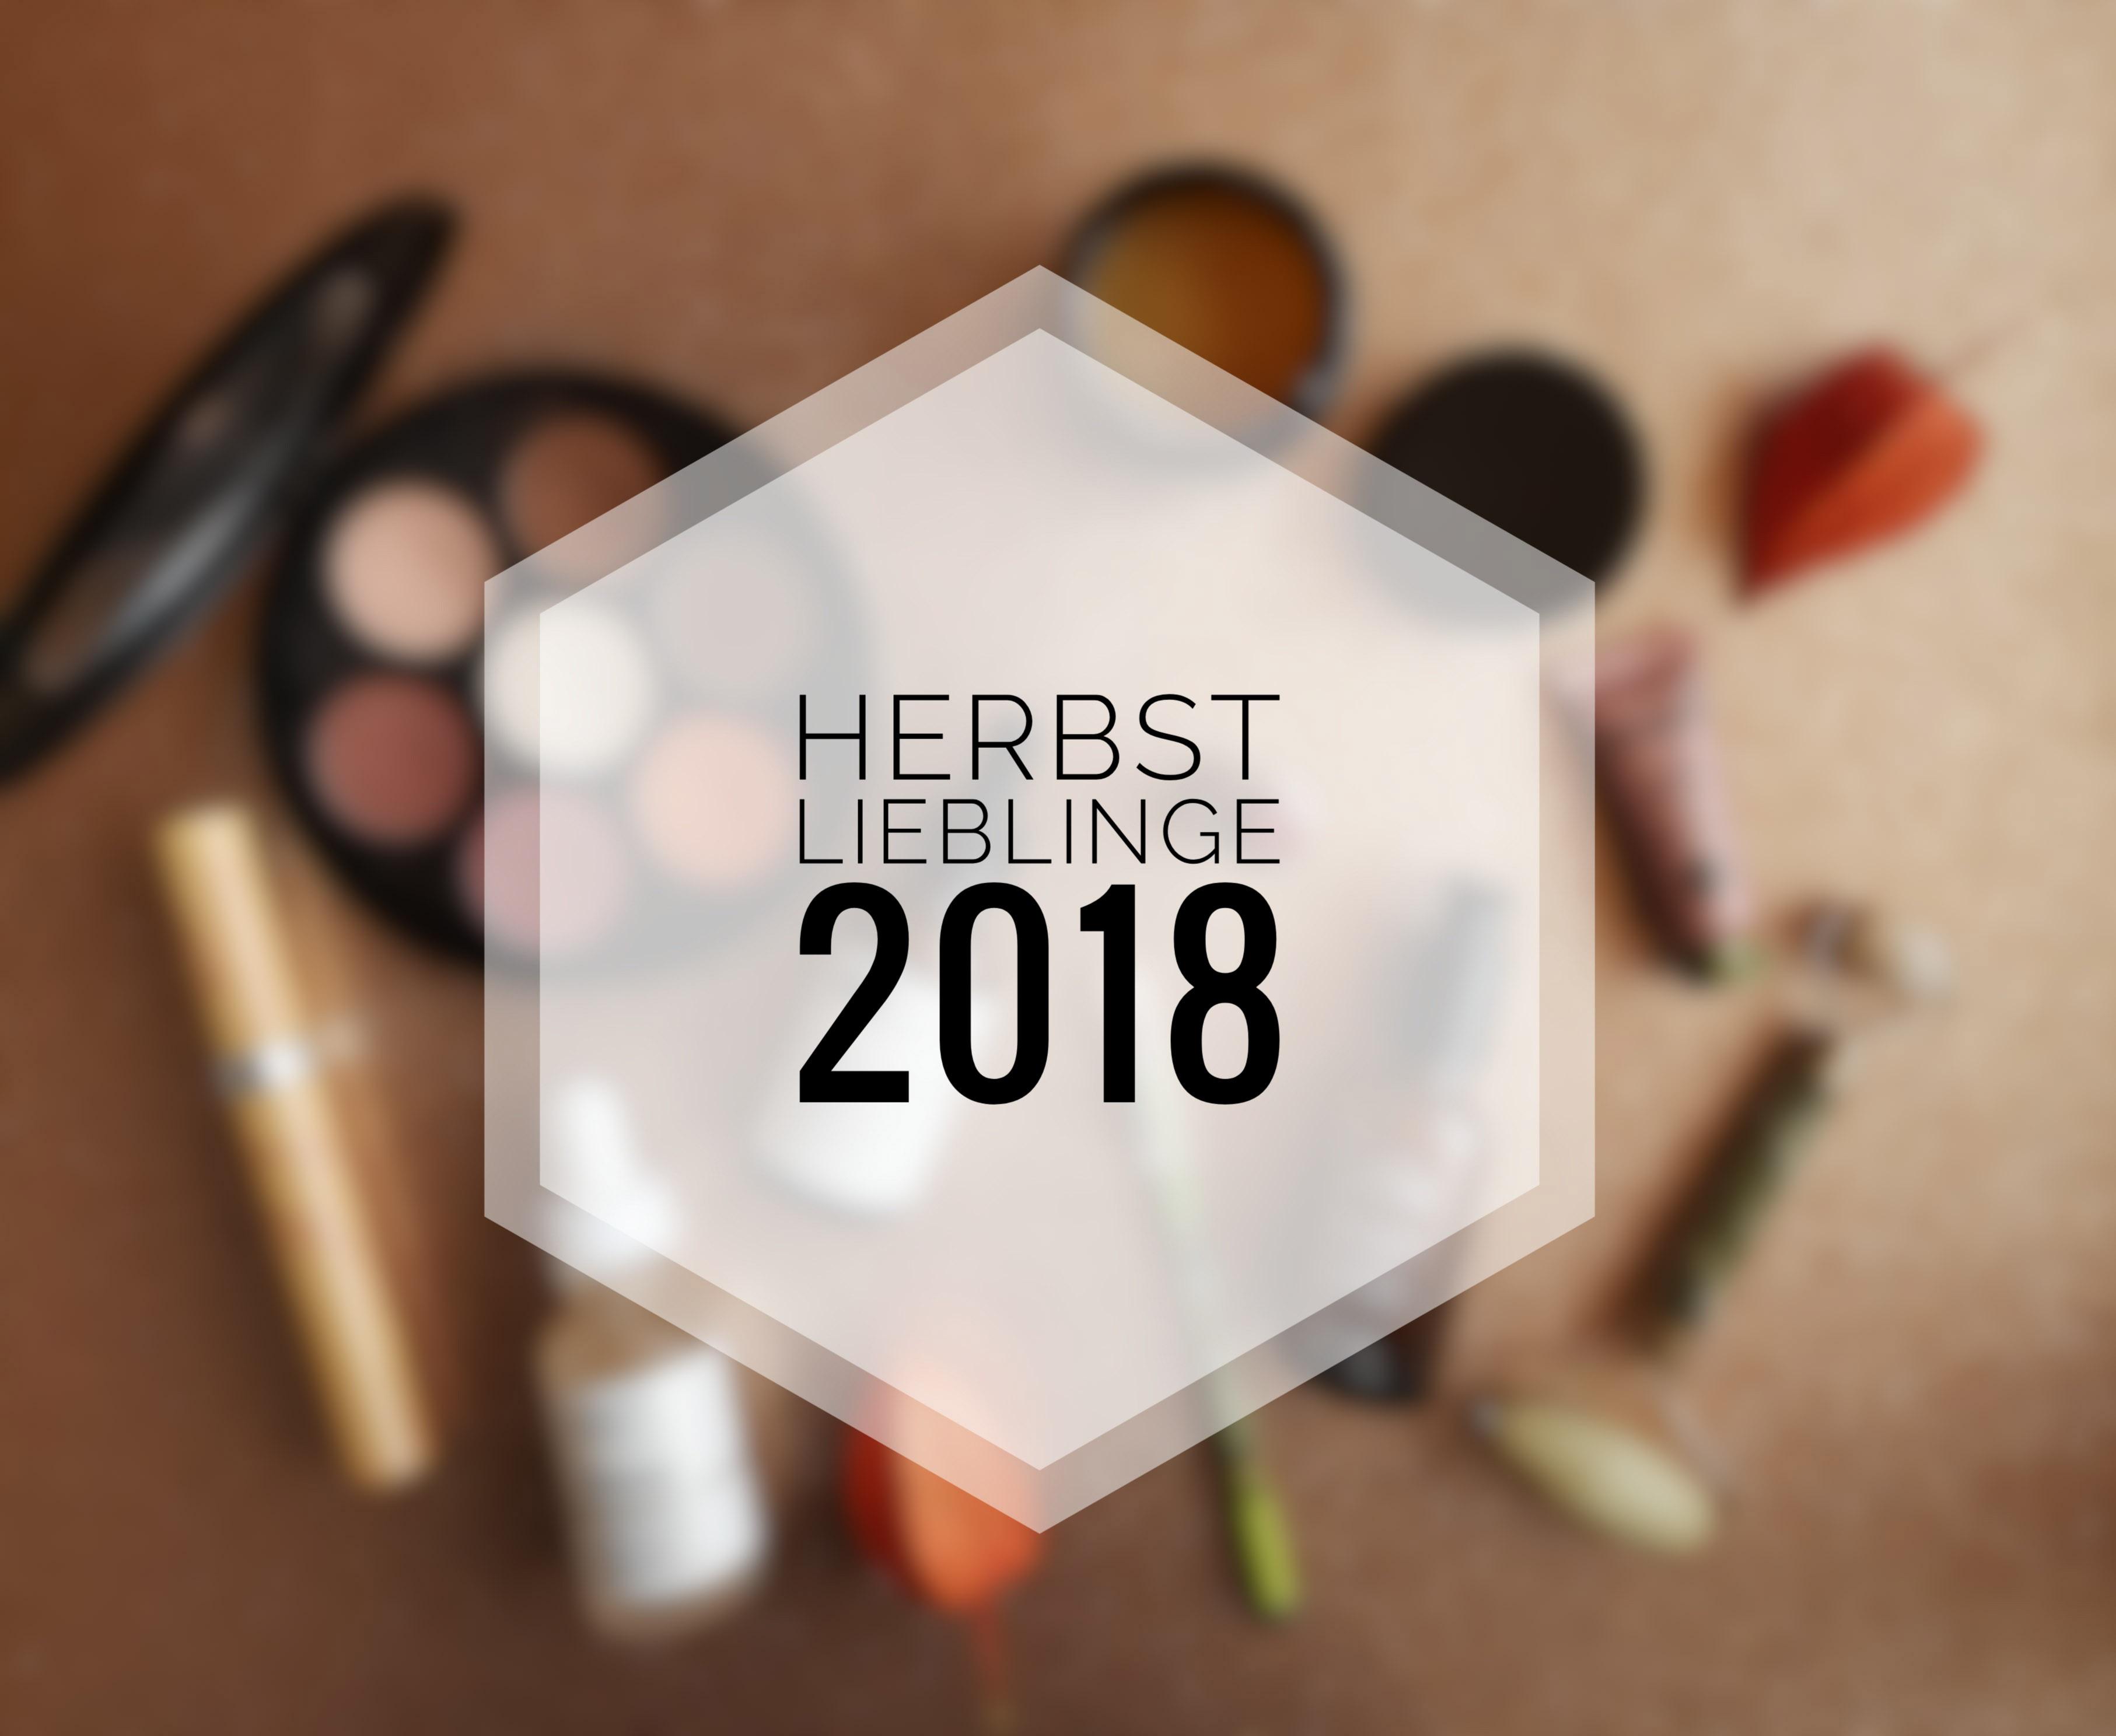 Herbst Lieblinge 2018